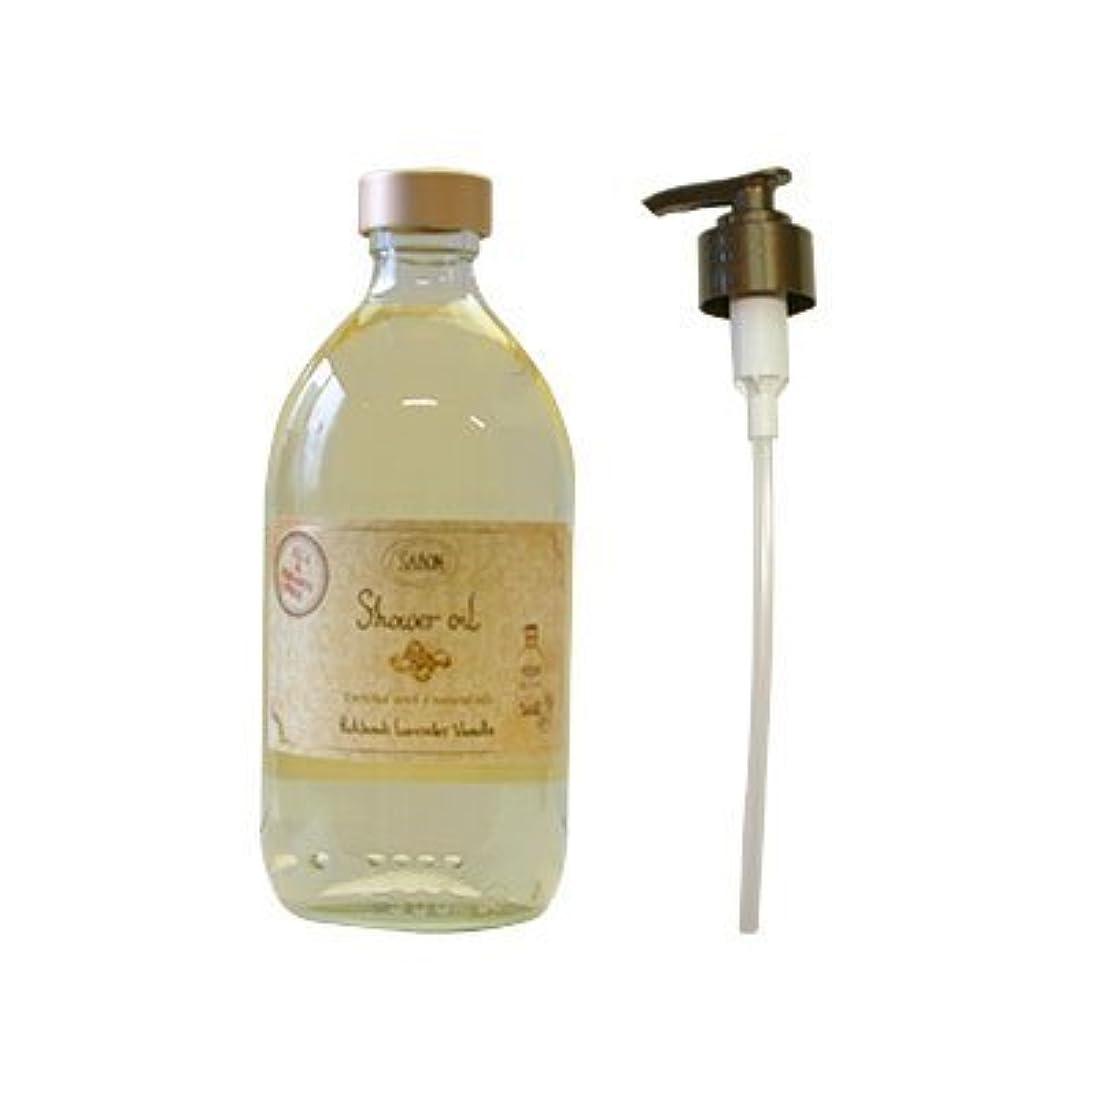 絵老人変なサボン(SABON) シャワーオイル パチュリラベンダーバニラ 500ml[並行輸入品]